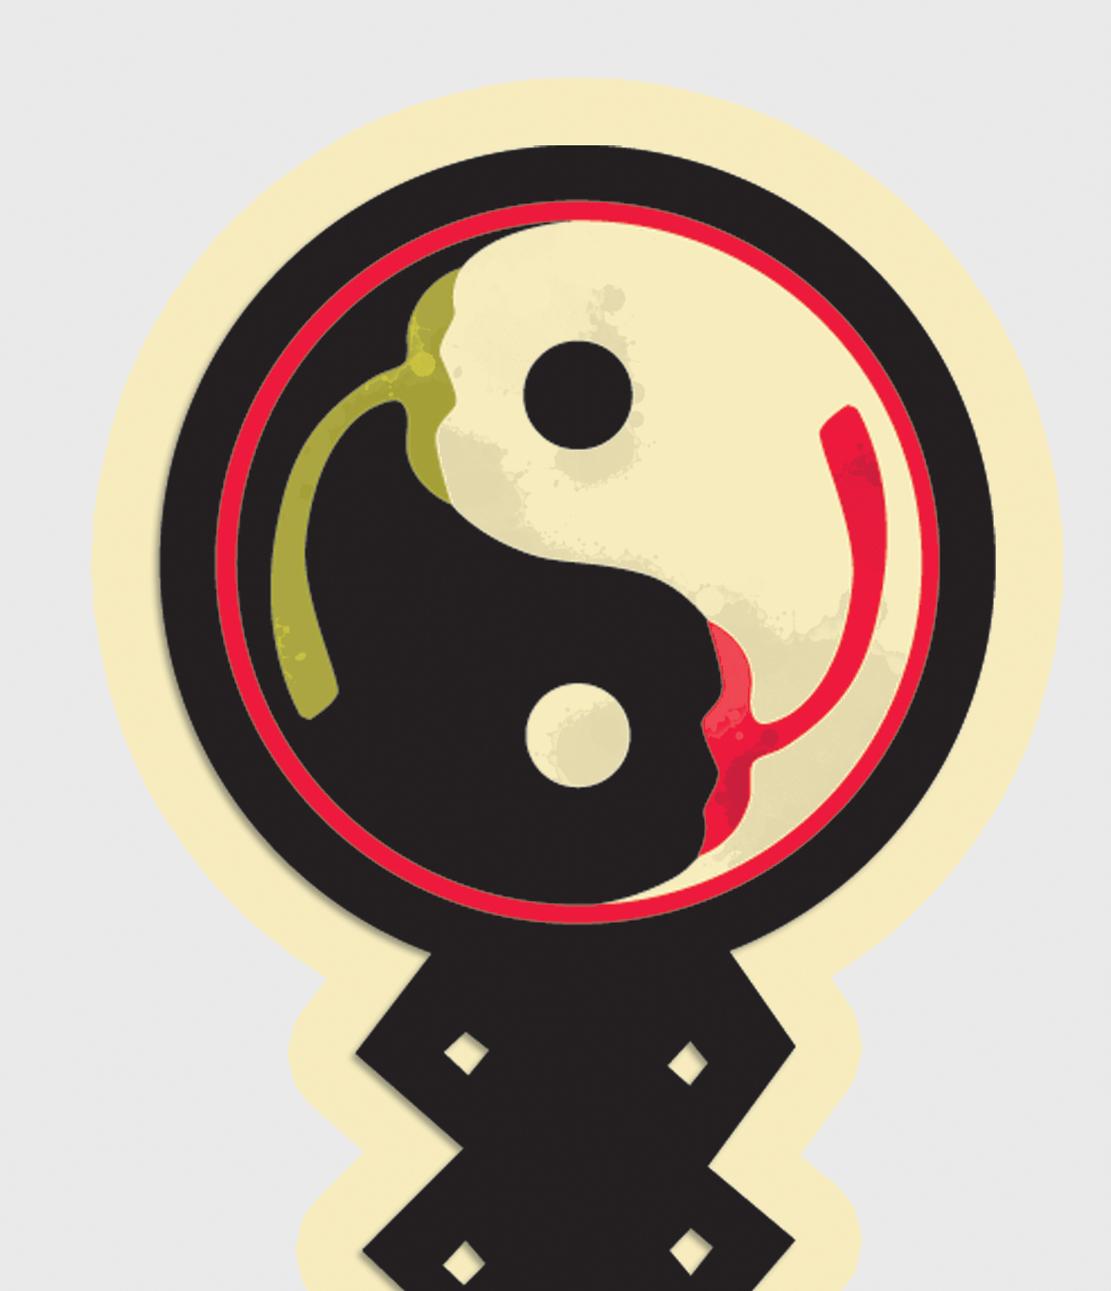 label design Chilli sauce oriental dragon Retro Fun illustrative design illustrated barcode illustrated designed